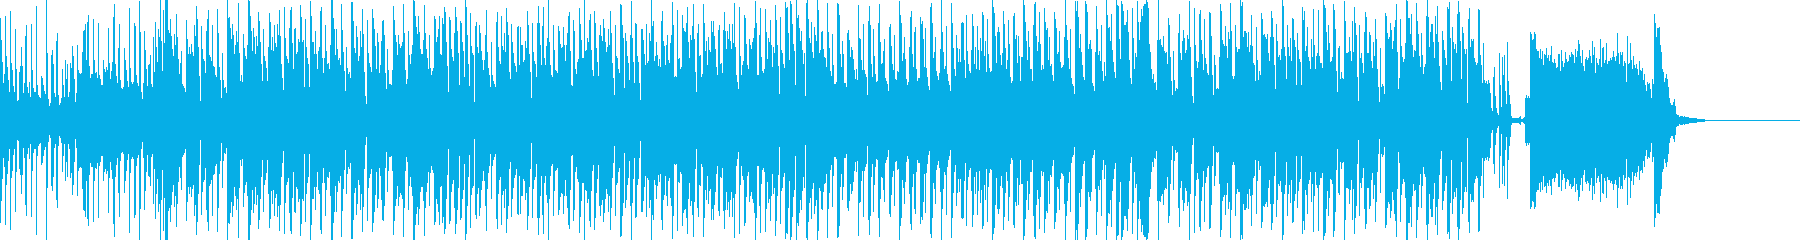 ミステリアスなエレクトロスウィングの再生済みの波形